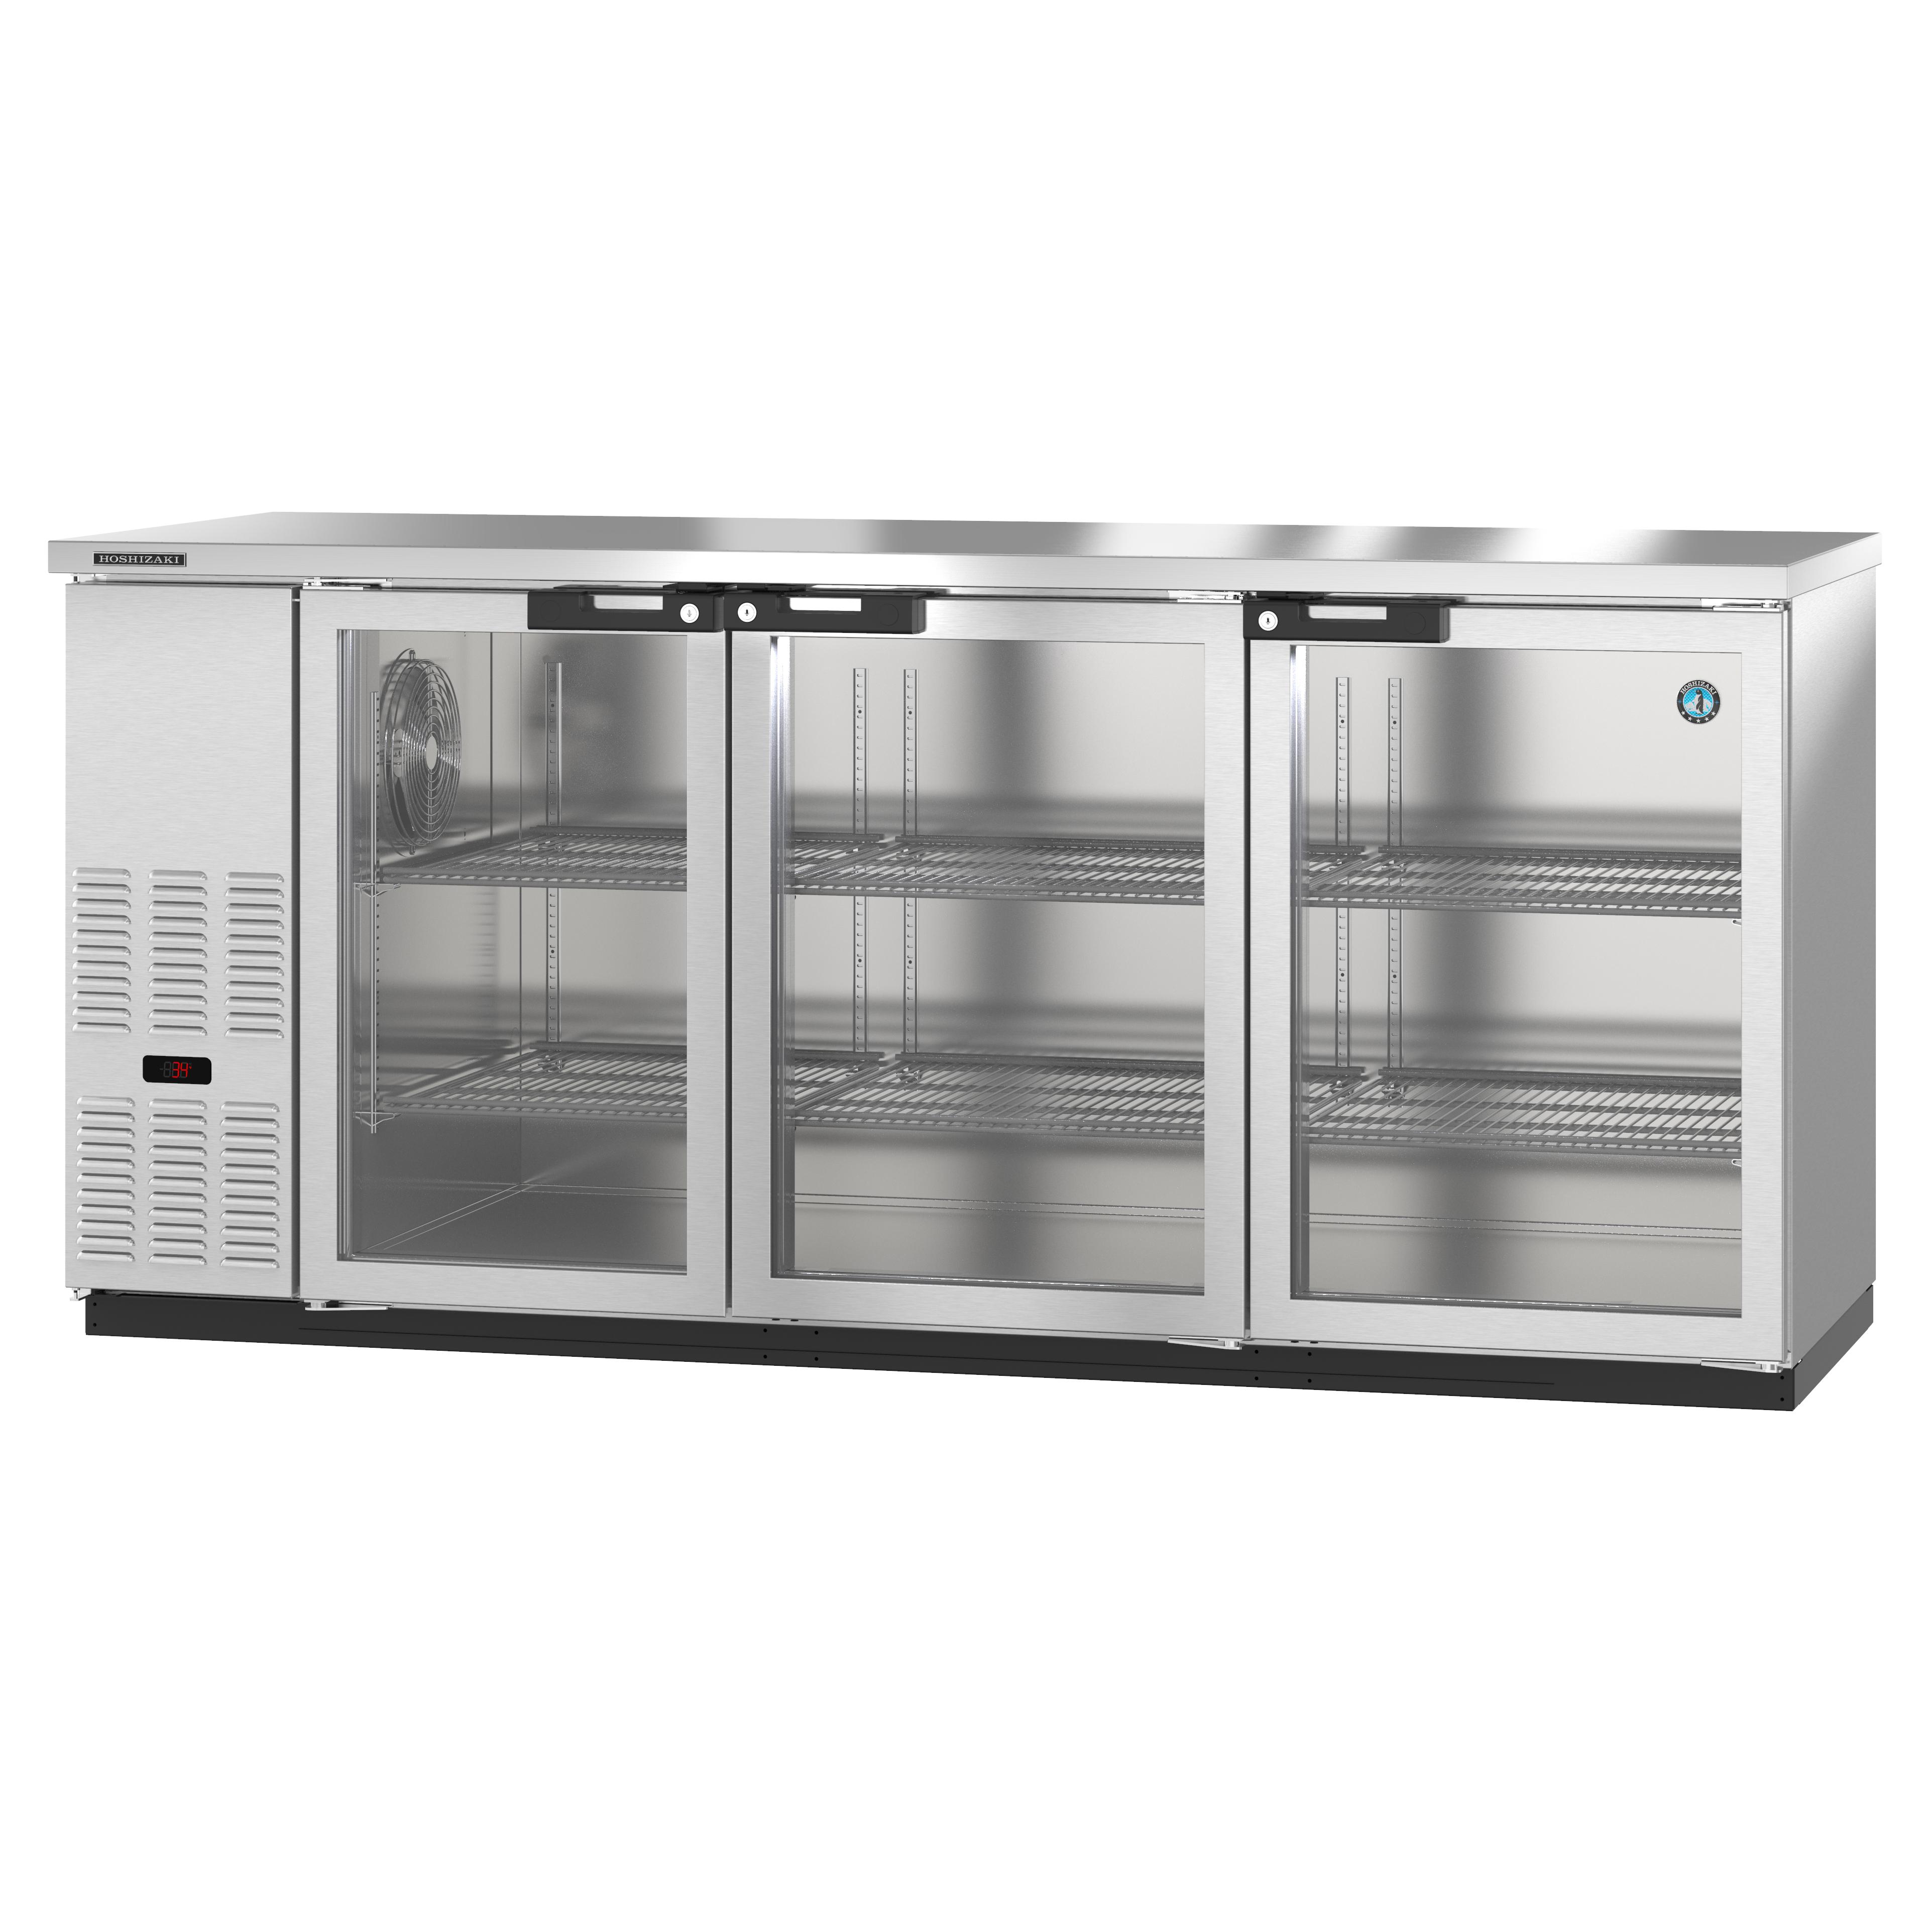 Hoshizaki BB80-G-S bar refrigerator, 3 swinging solid doors